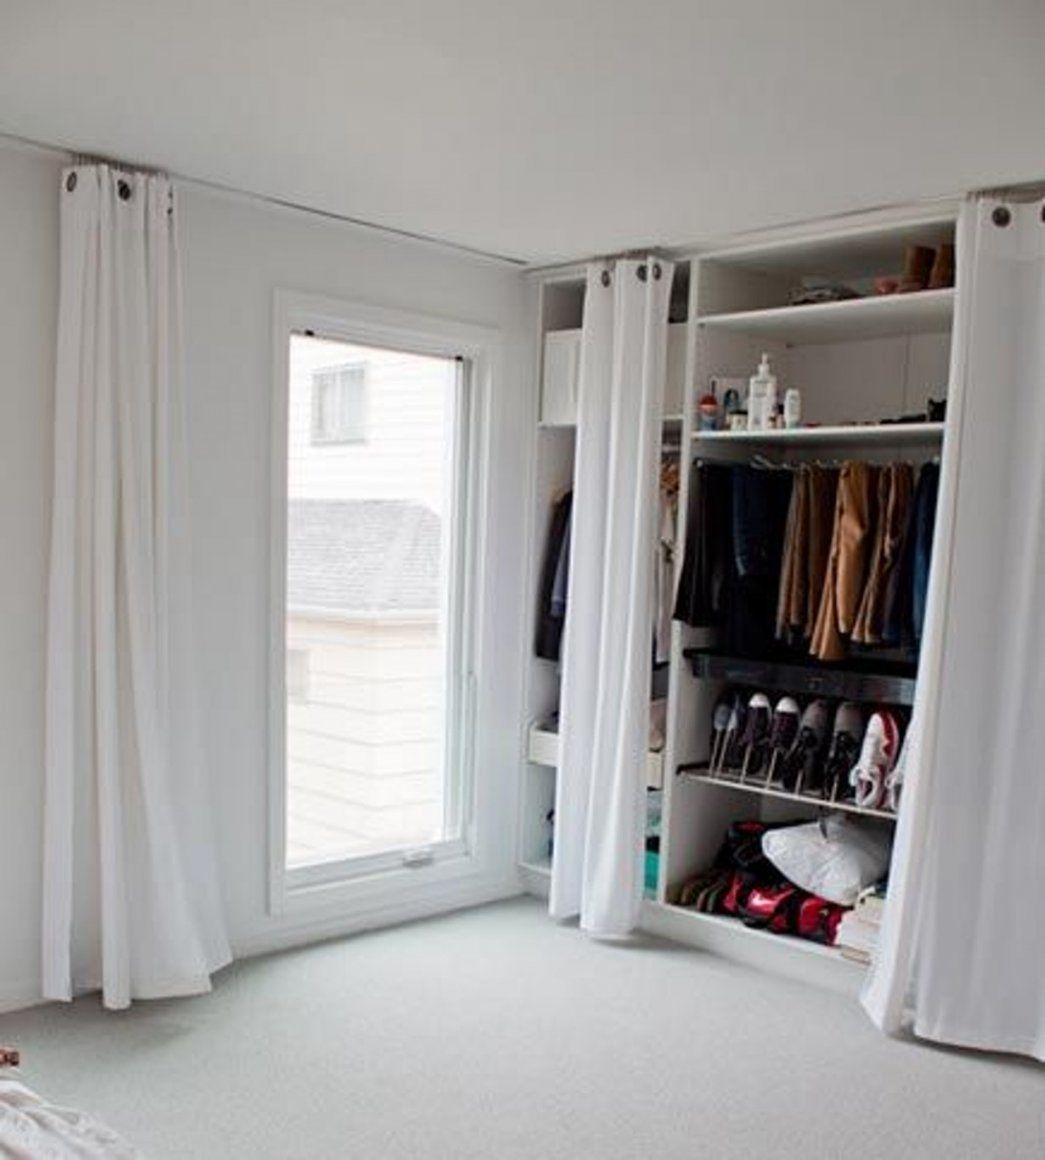 Offener Kleiderschrank Vorhang Interessant von Offener Kleiderschrank Mit Vorhang Bild